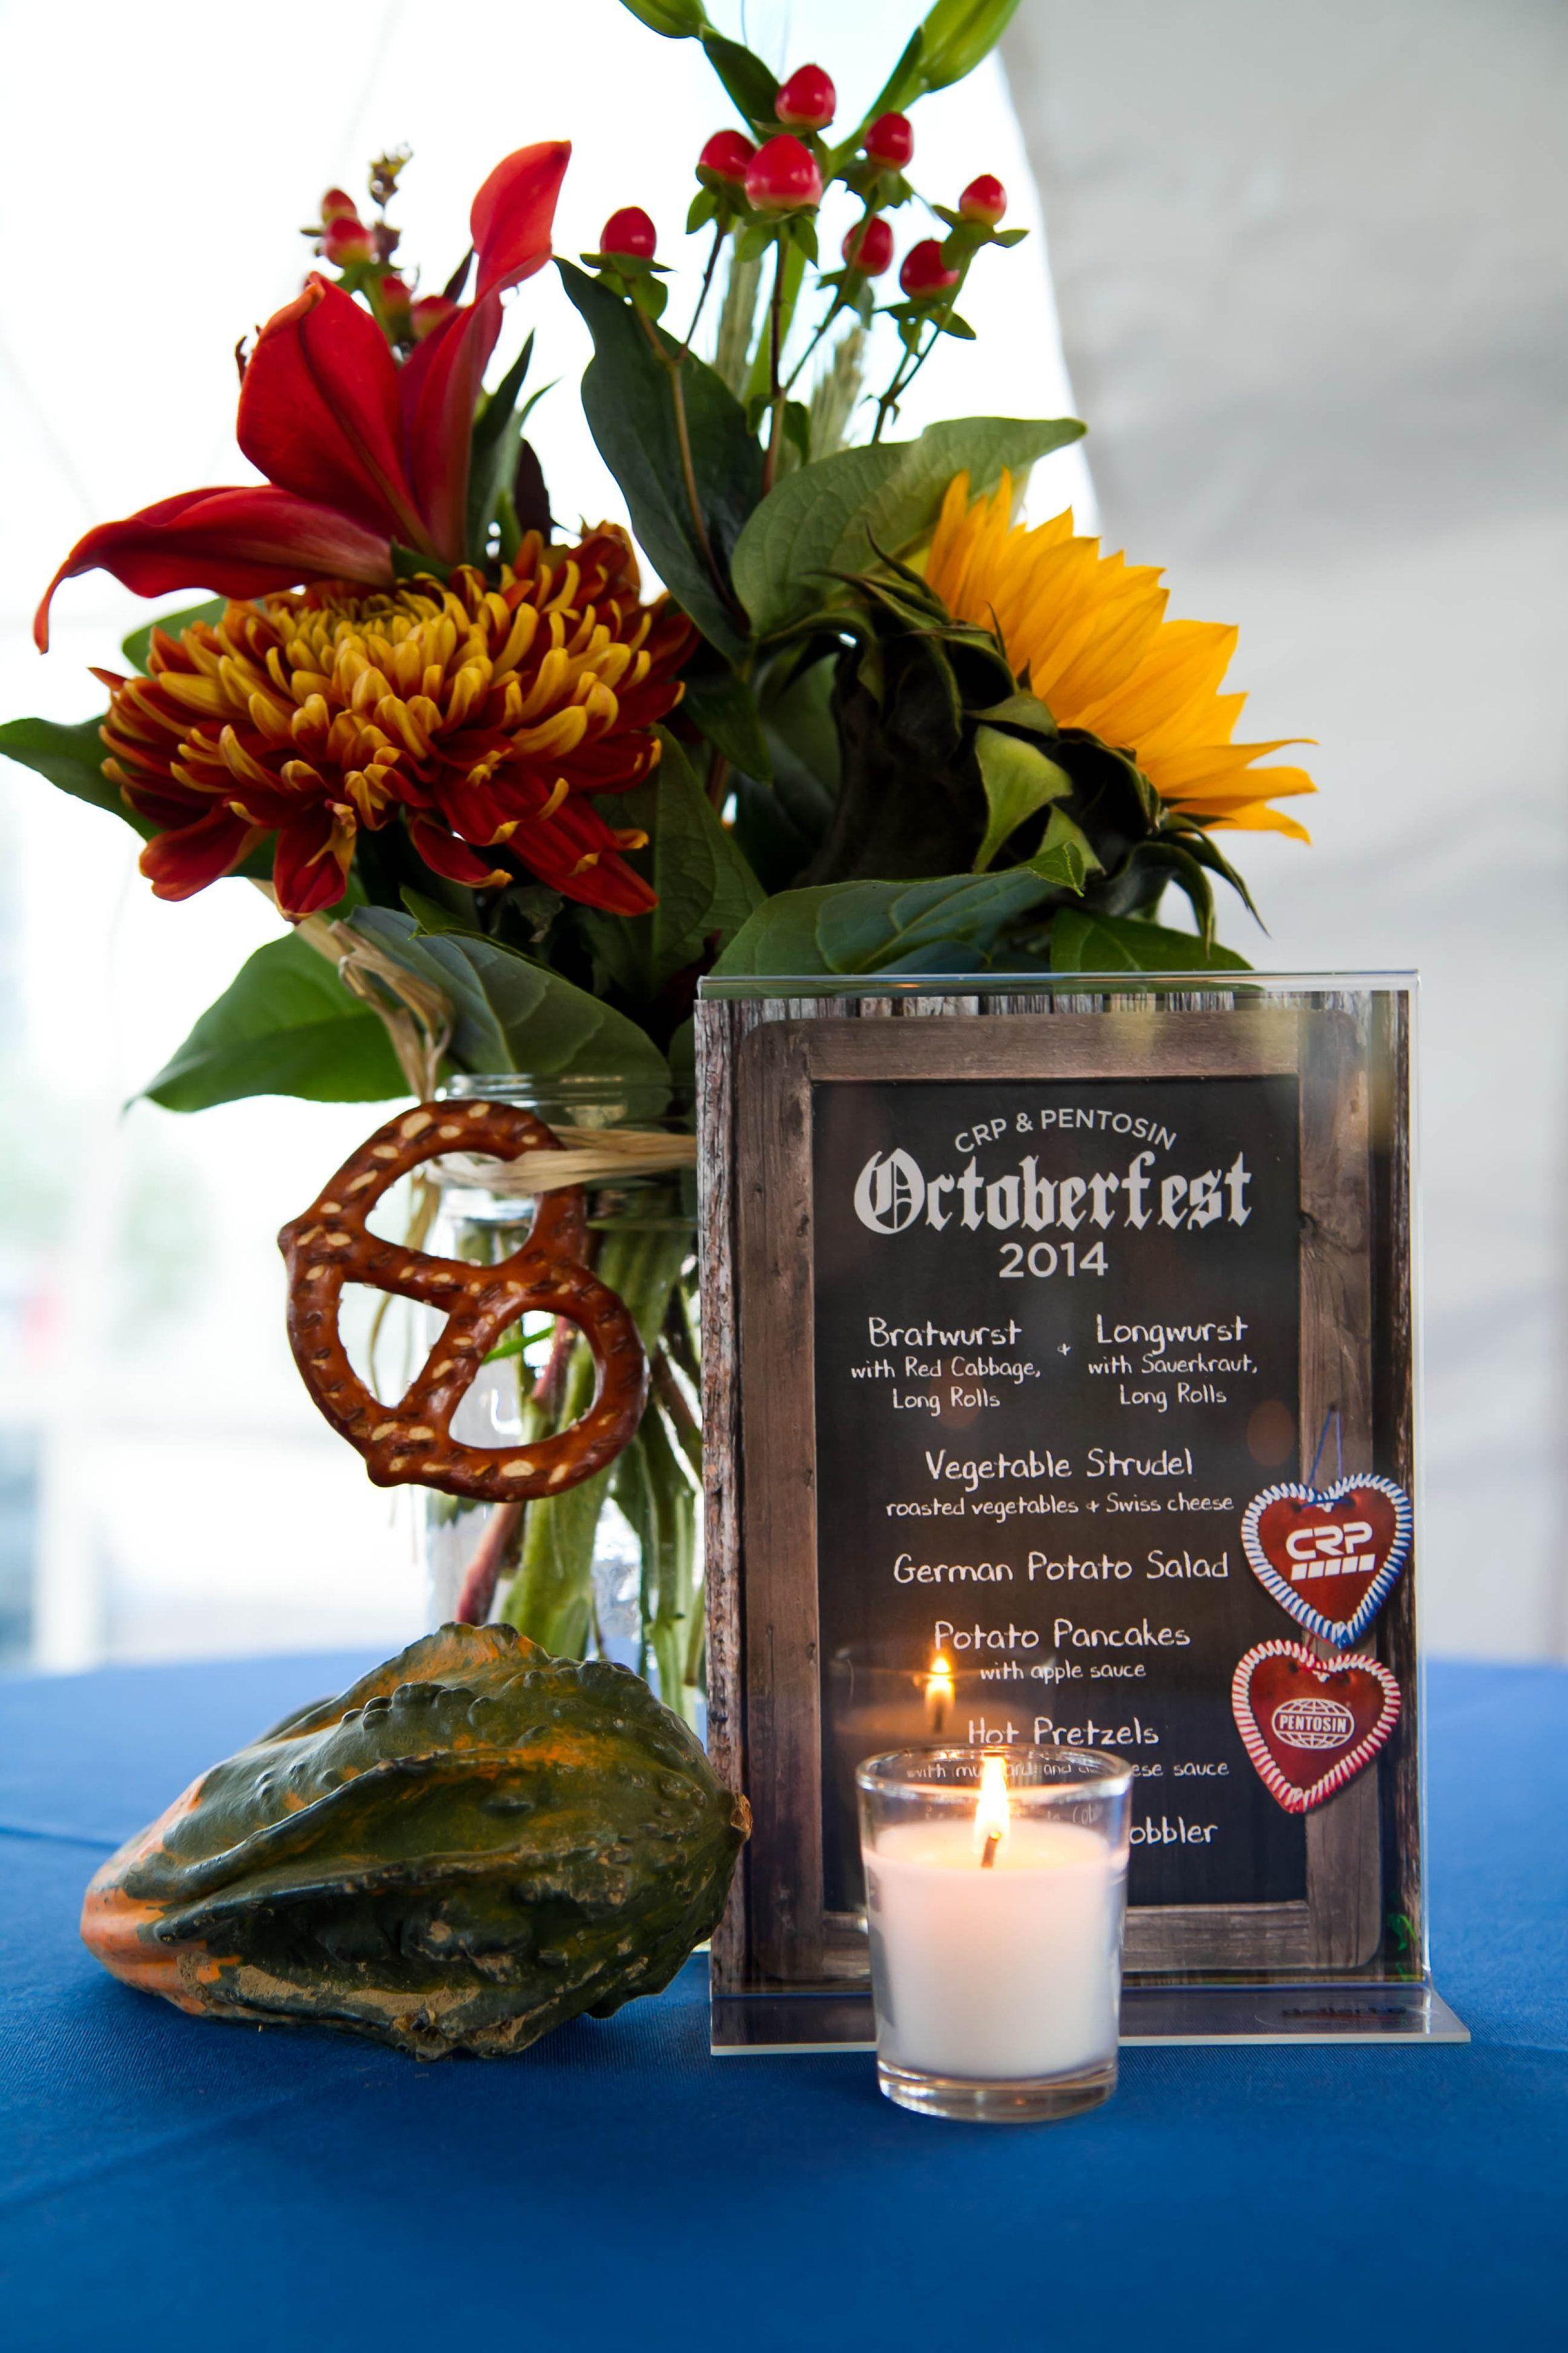 oktoberfest centerpiece centerpiece ideas oktoberfest rh pinterest com Oktoberfest Table Decorations Oktoberfest Table Decorations Centerpieces